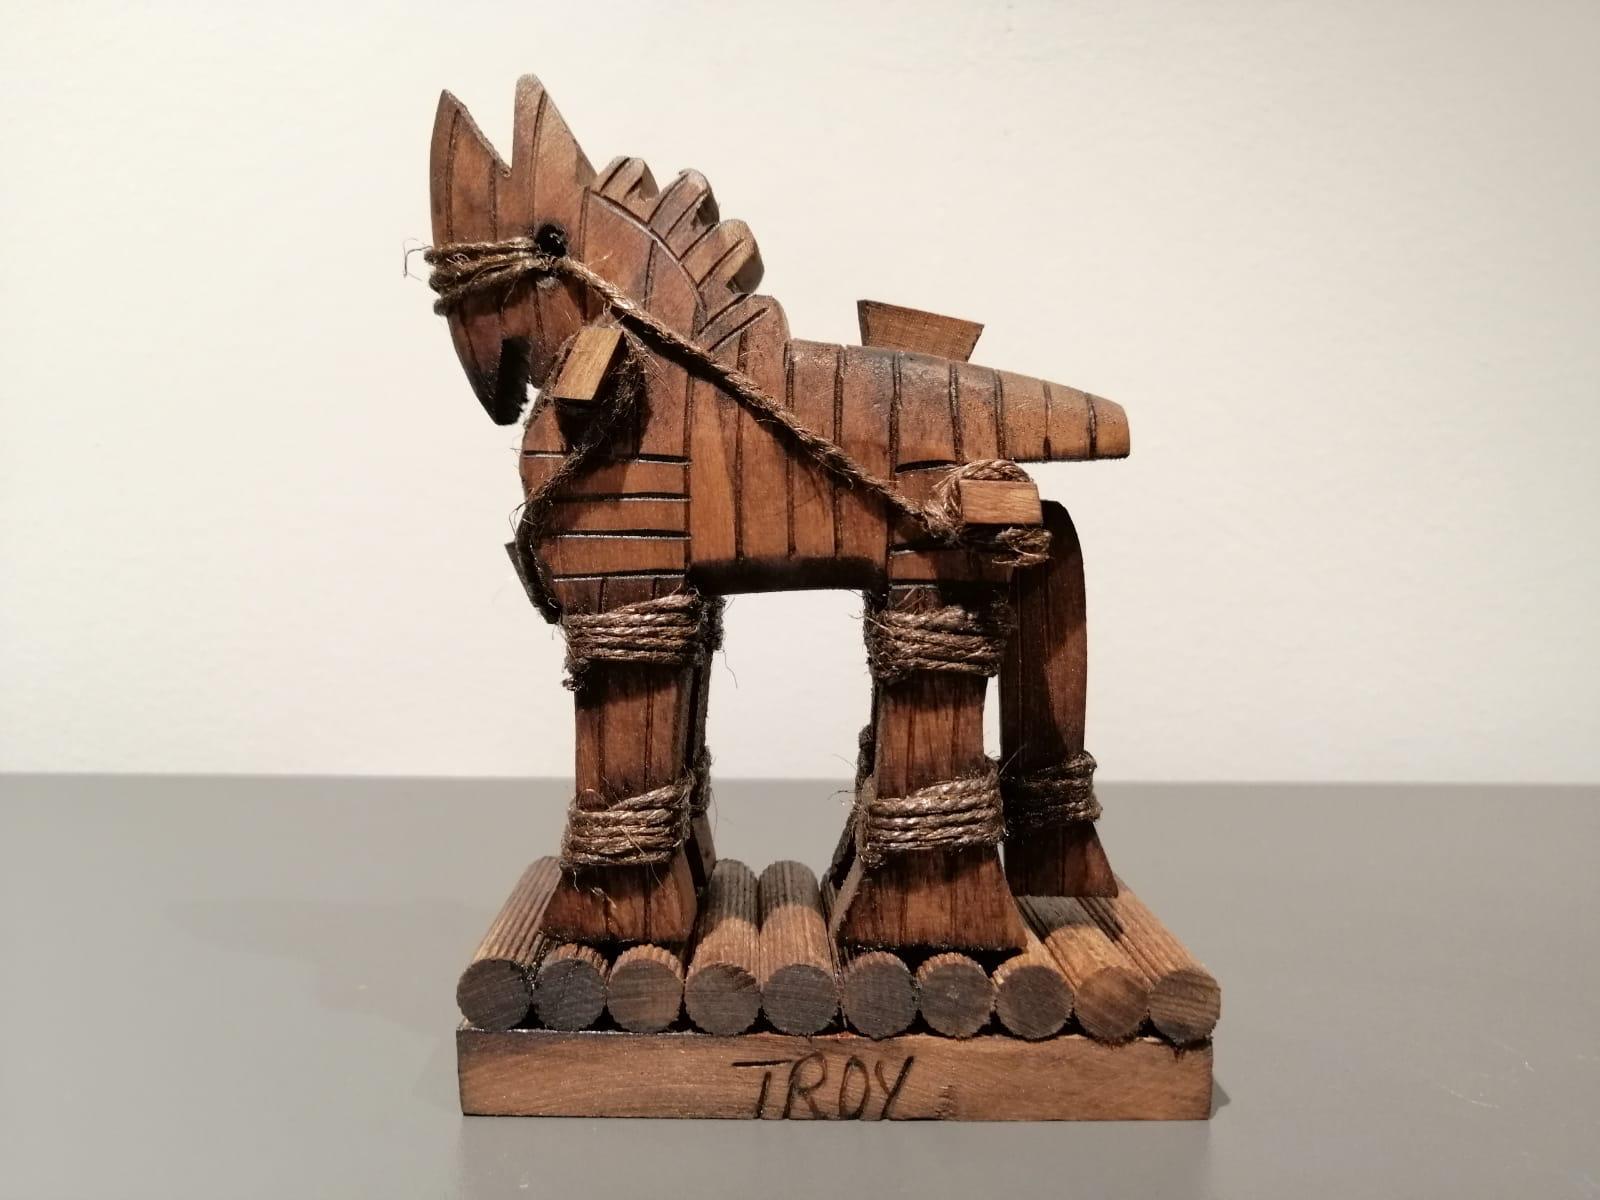 İspanya'dan mektupla 25 euro gönderip, tahta Troya atı istedi